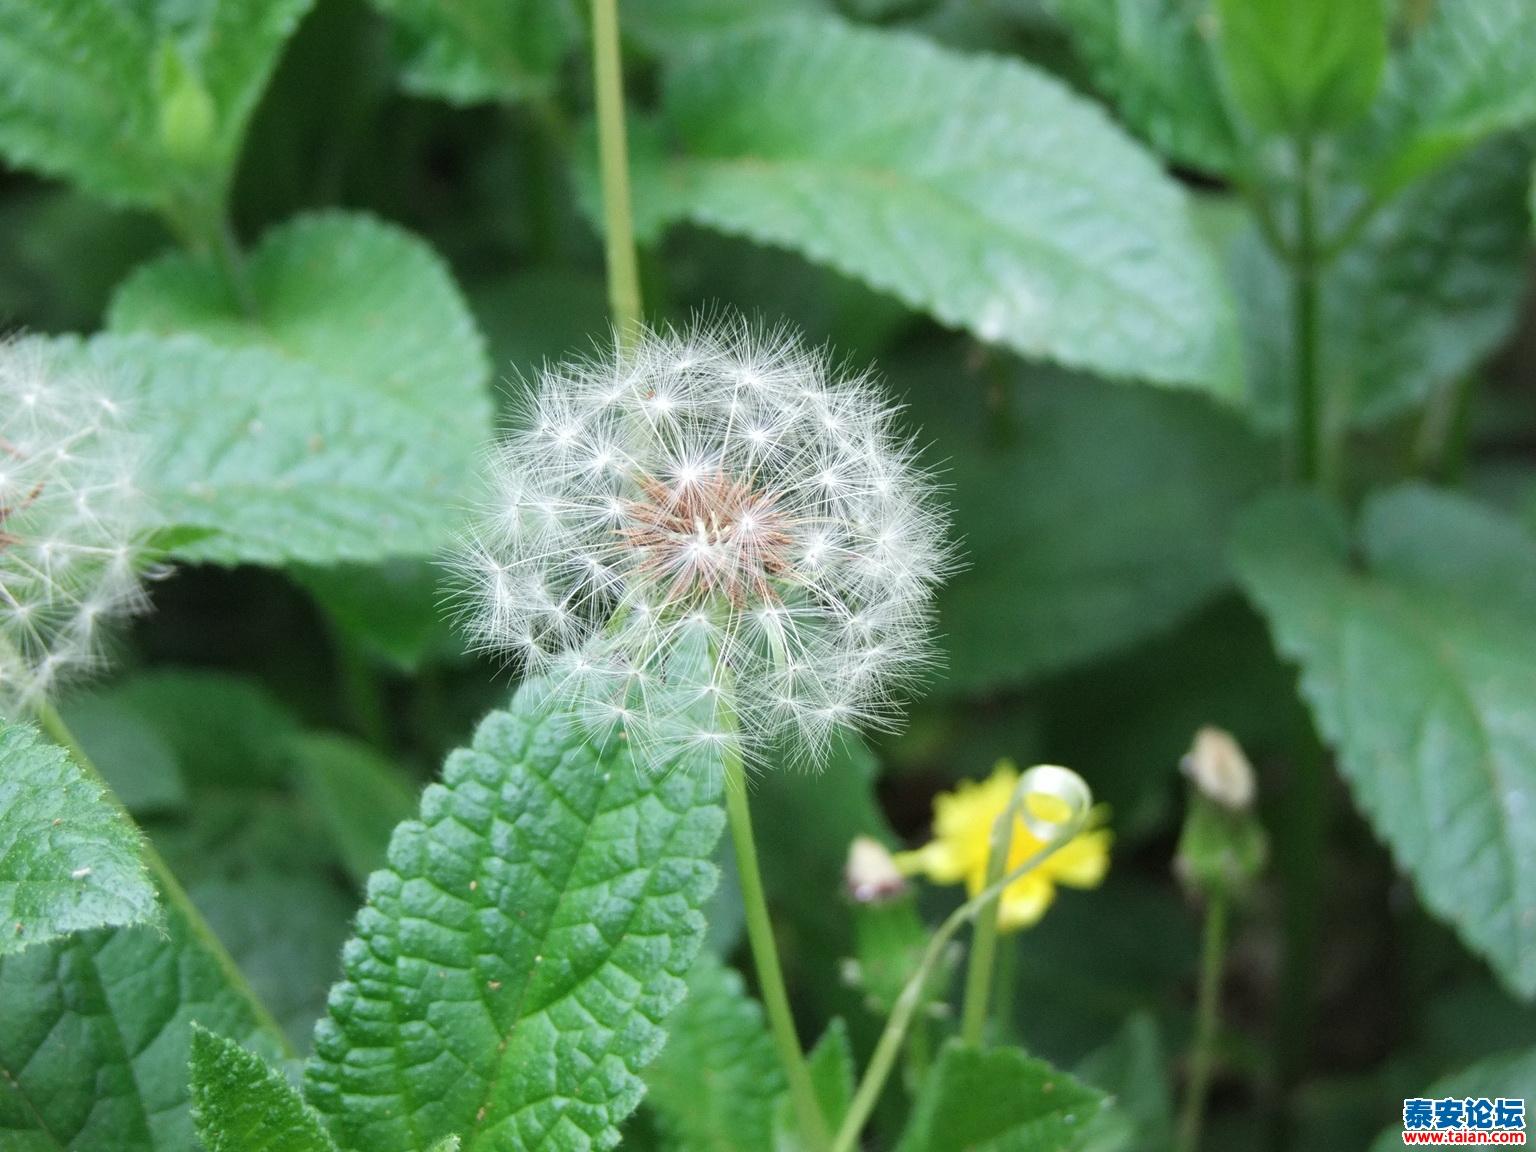 回家院子里的,花蕊中有只可爱的蚂蚁